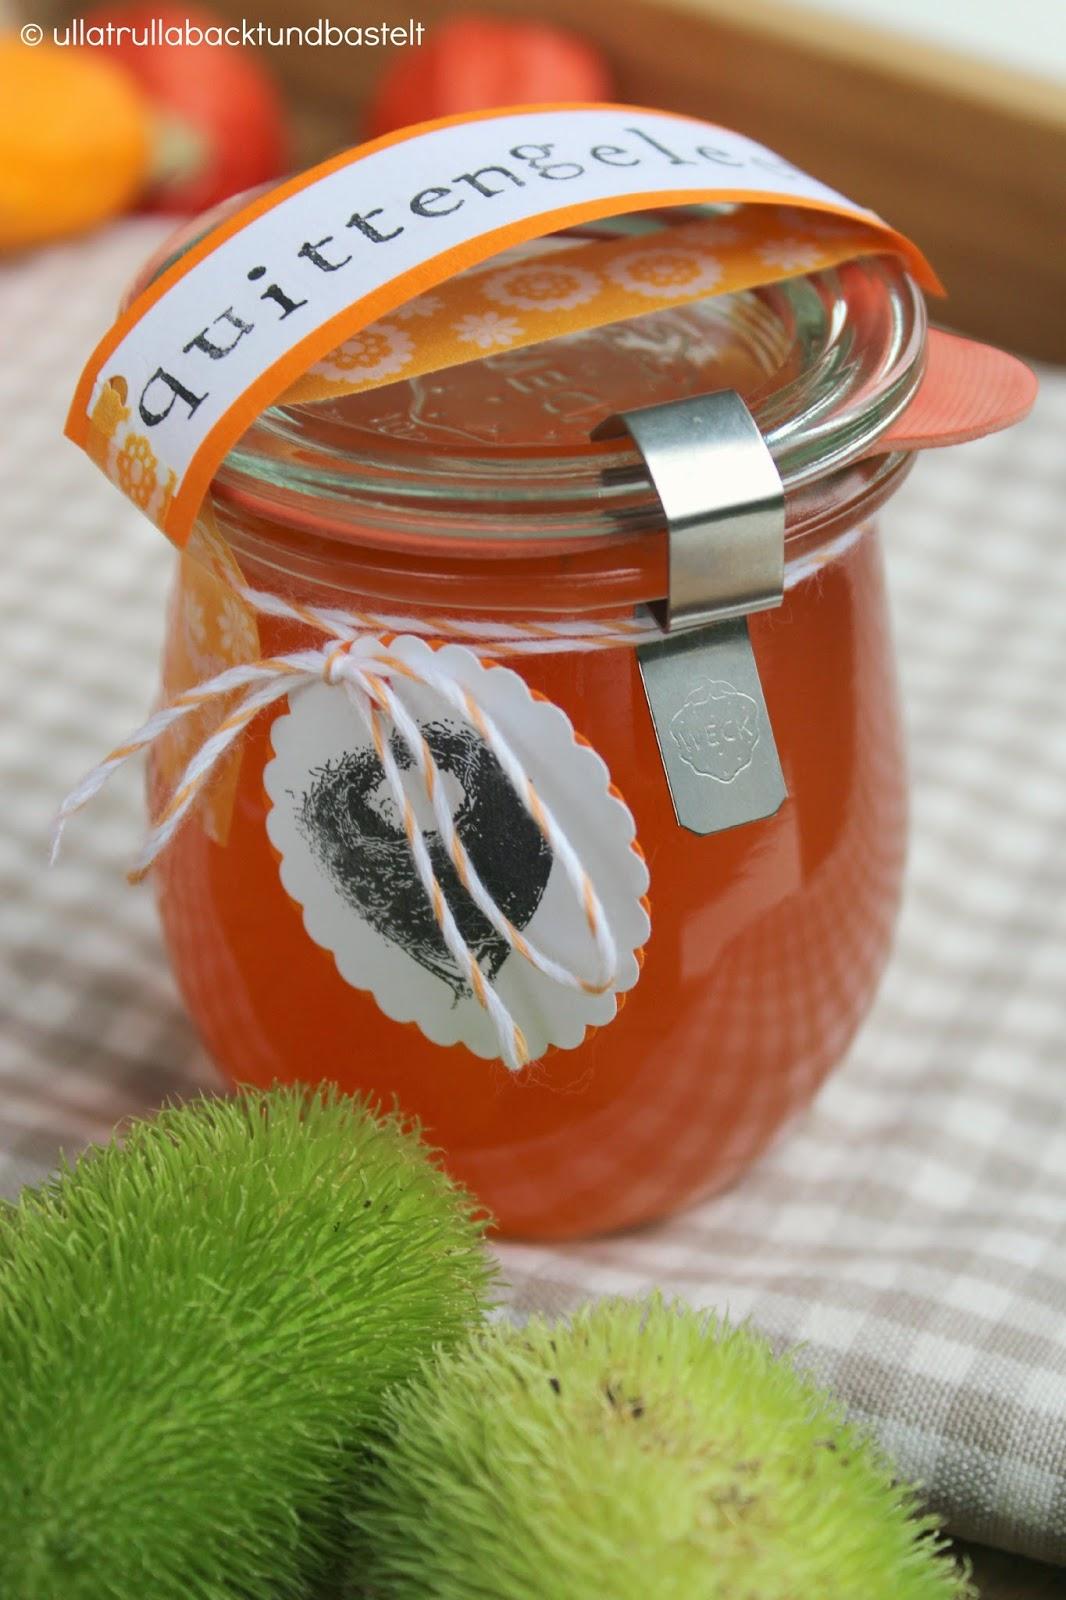 ullatrulla backt und bastelt marmelade wie von oma